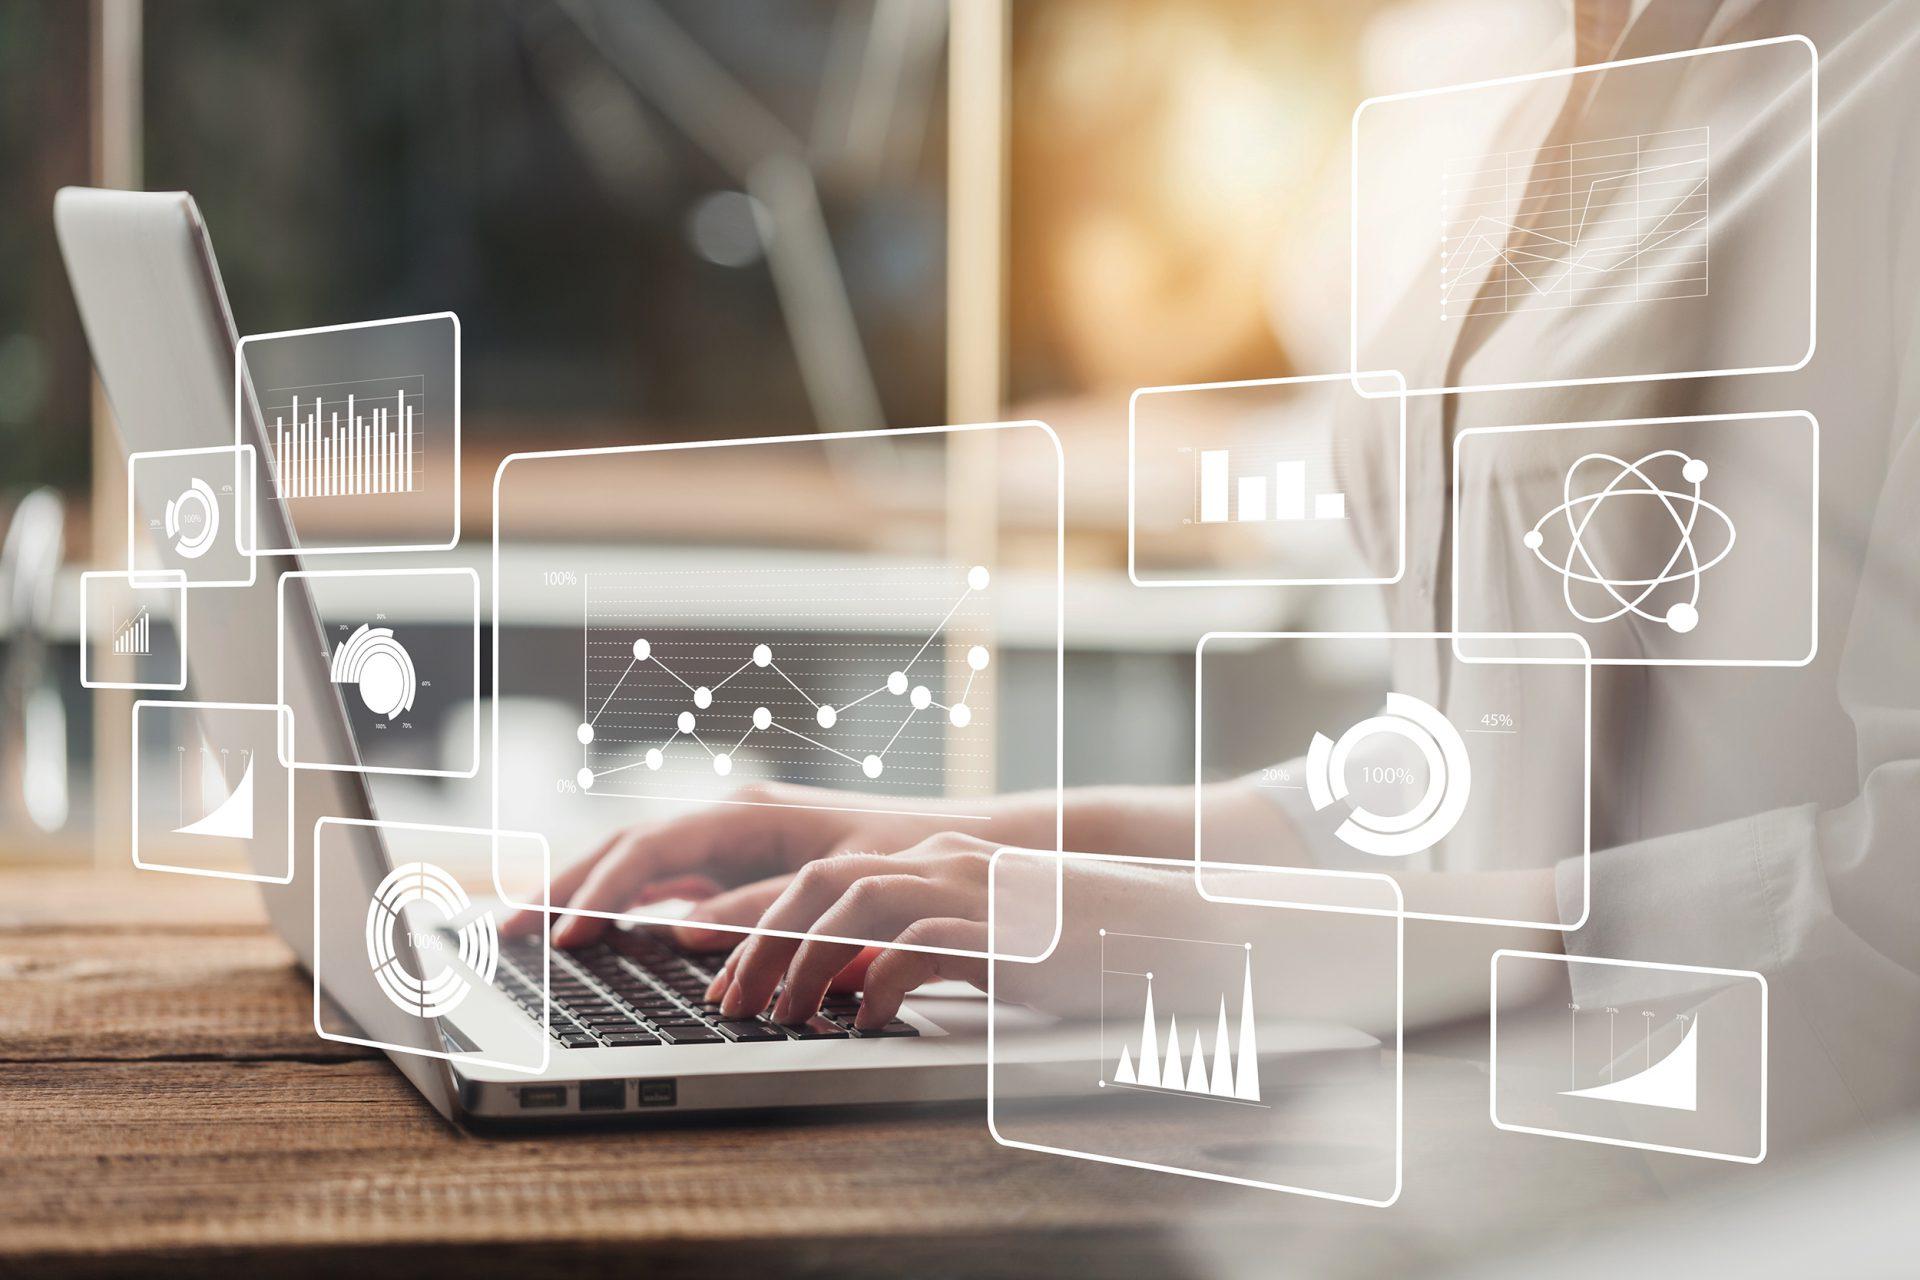 Servicios informáticos para Pymes - Auditoria del Sistema Informático para Empresas